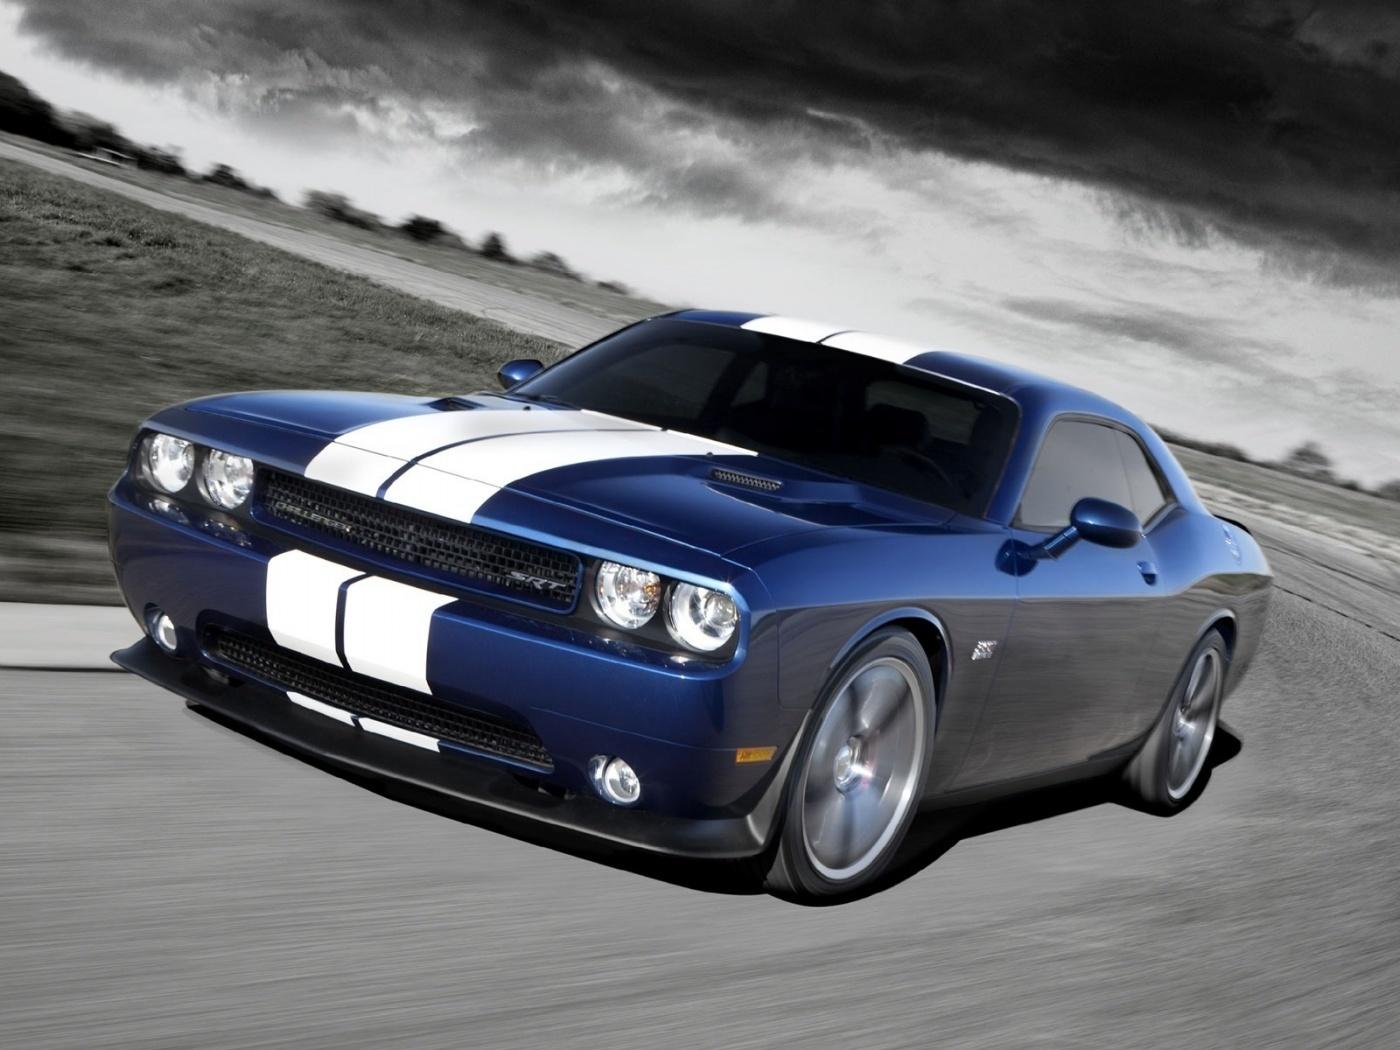 47596 скачать обои Транспорт, Машины, Додж (Dodge) - заставки и картинки бесплатно